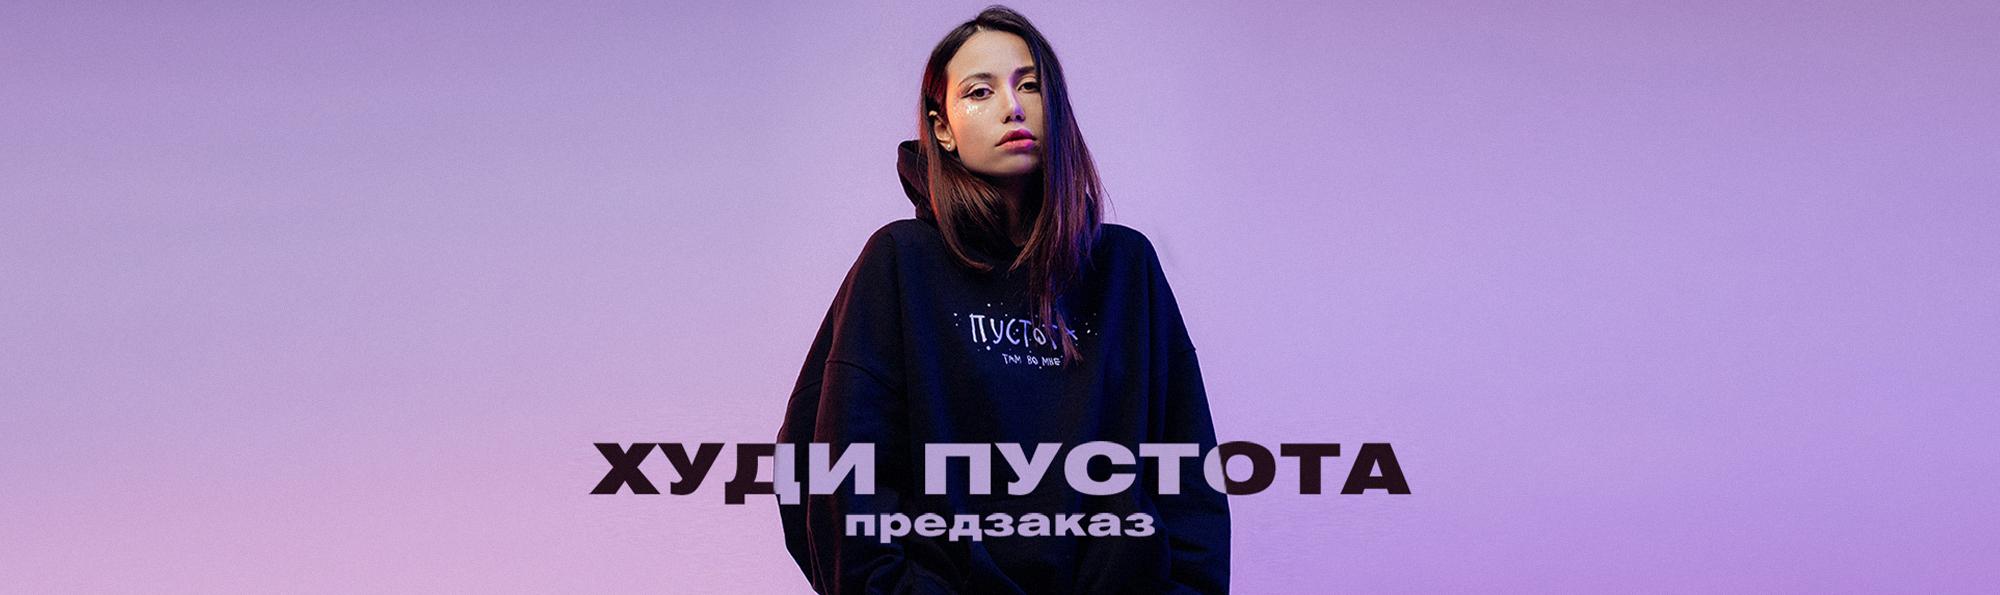 """Худи """"Пустота"""" от Эмелевской"""